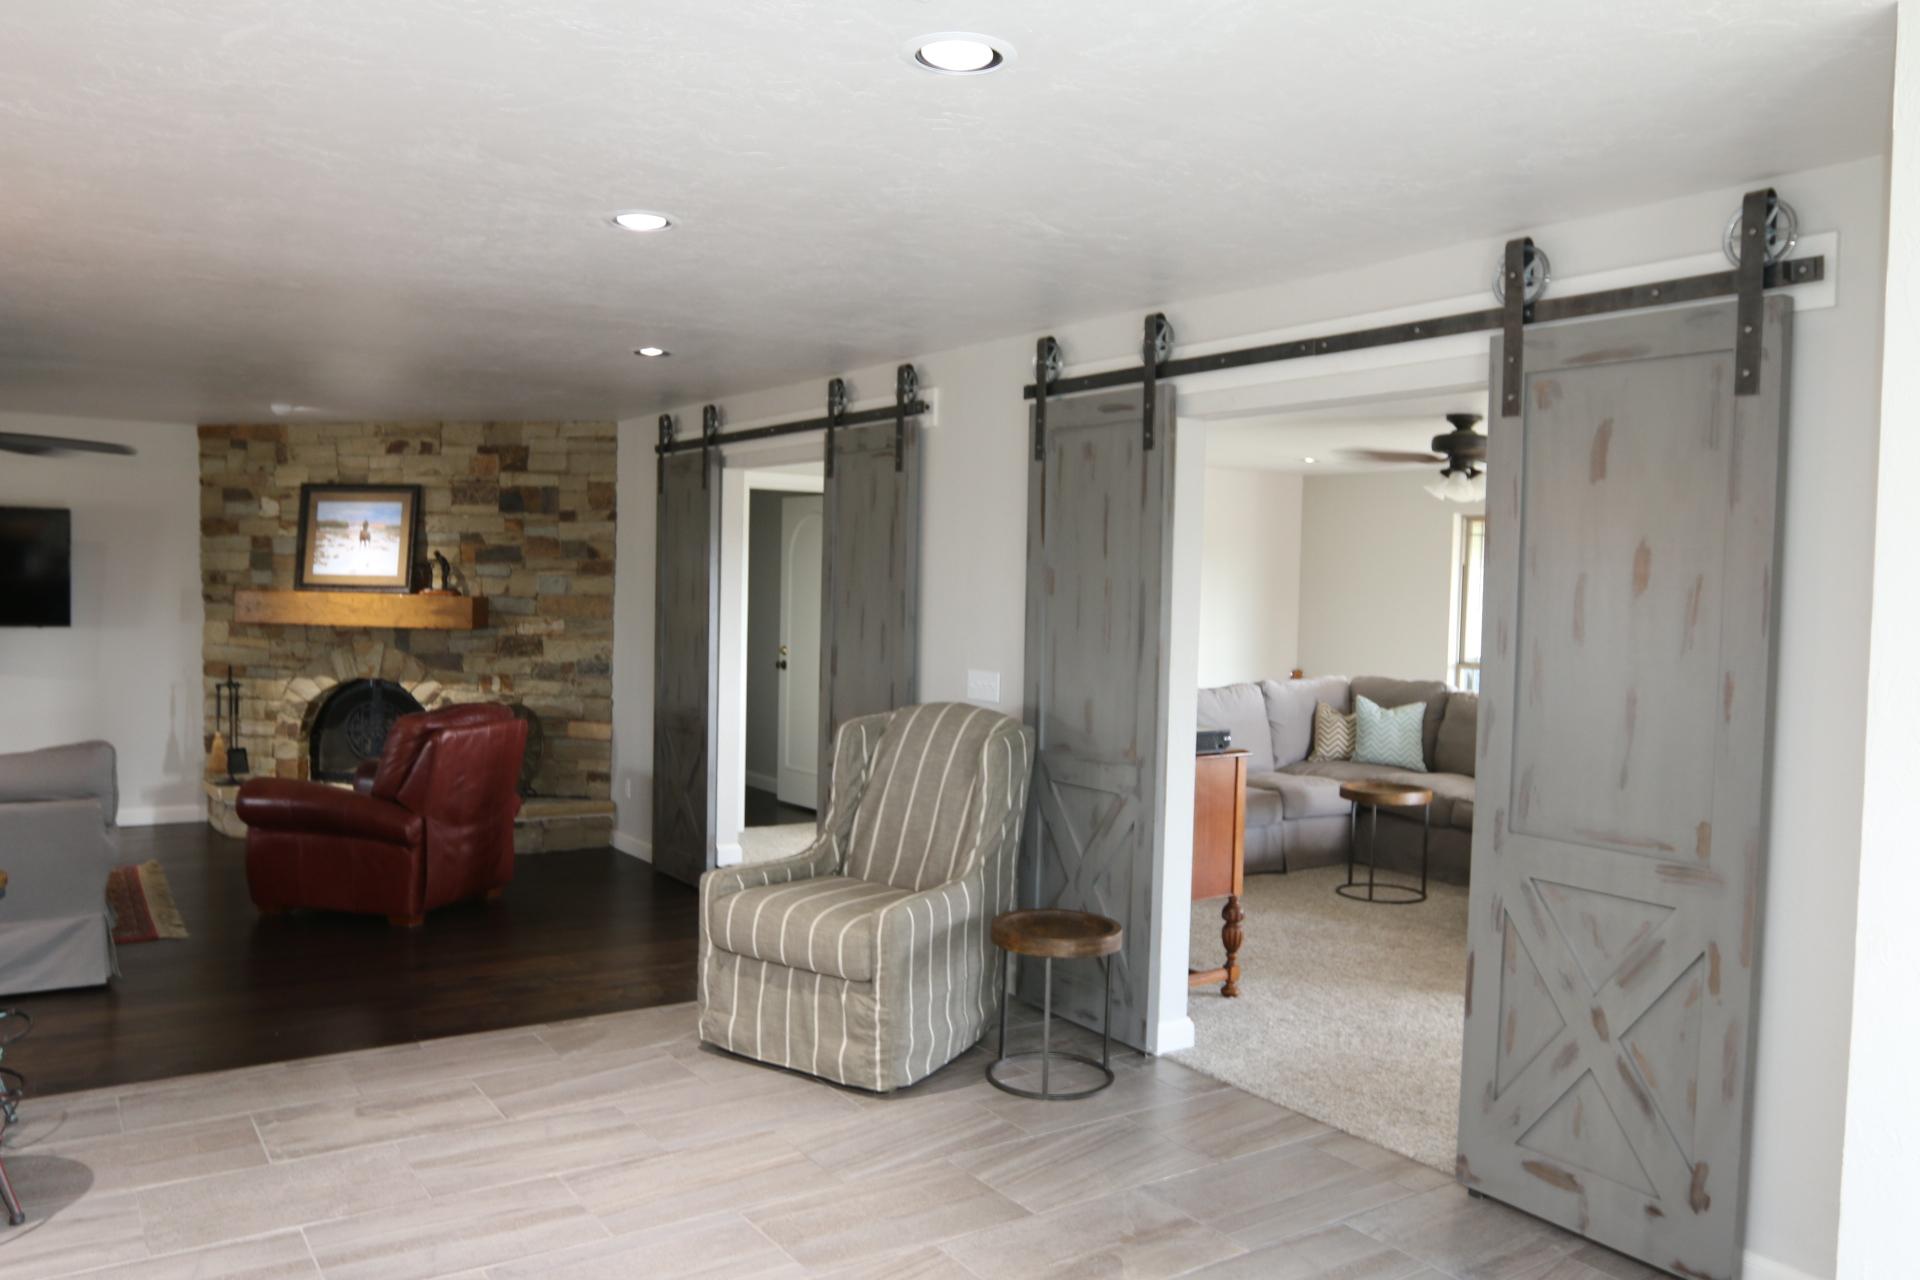 Living Room Barn Doors.jpeg